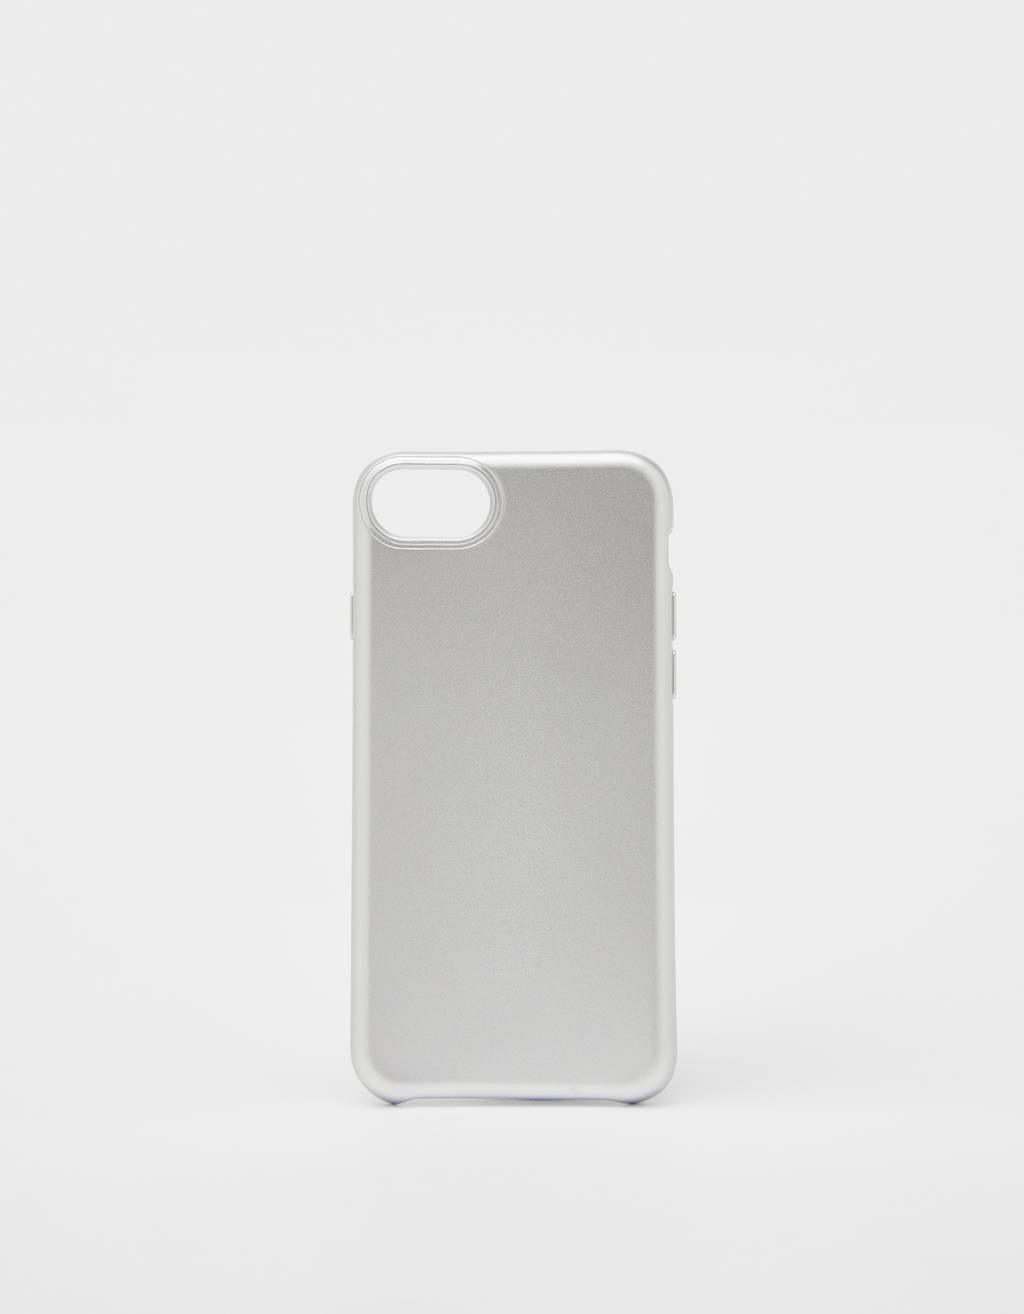 Plain iPhone 6 / 6S / 7 / 8 case